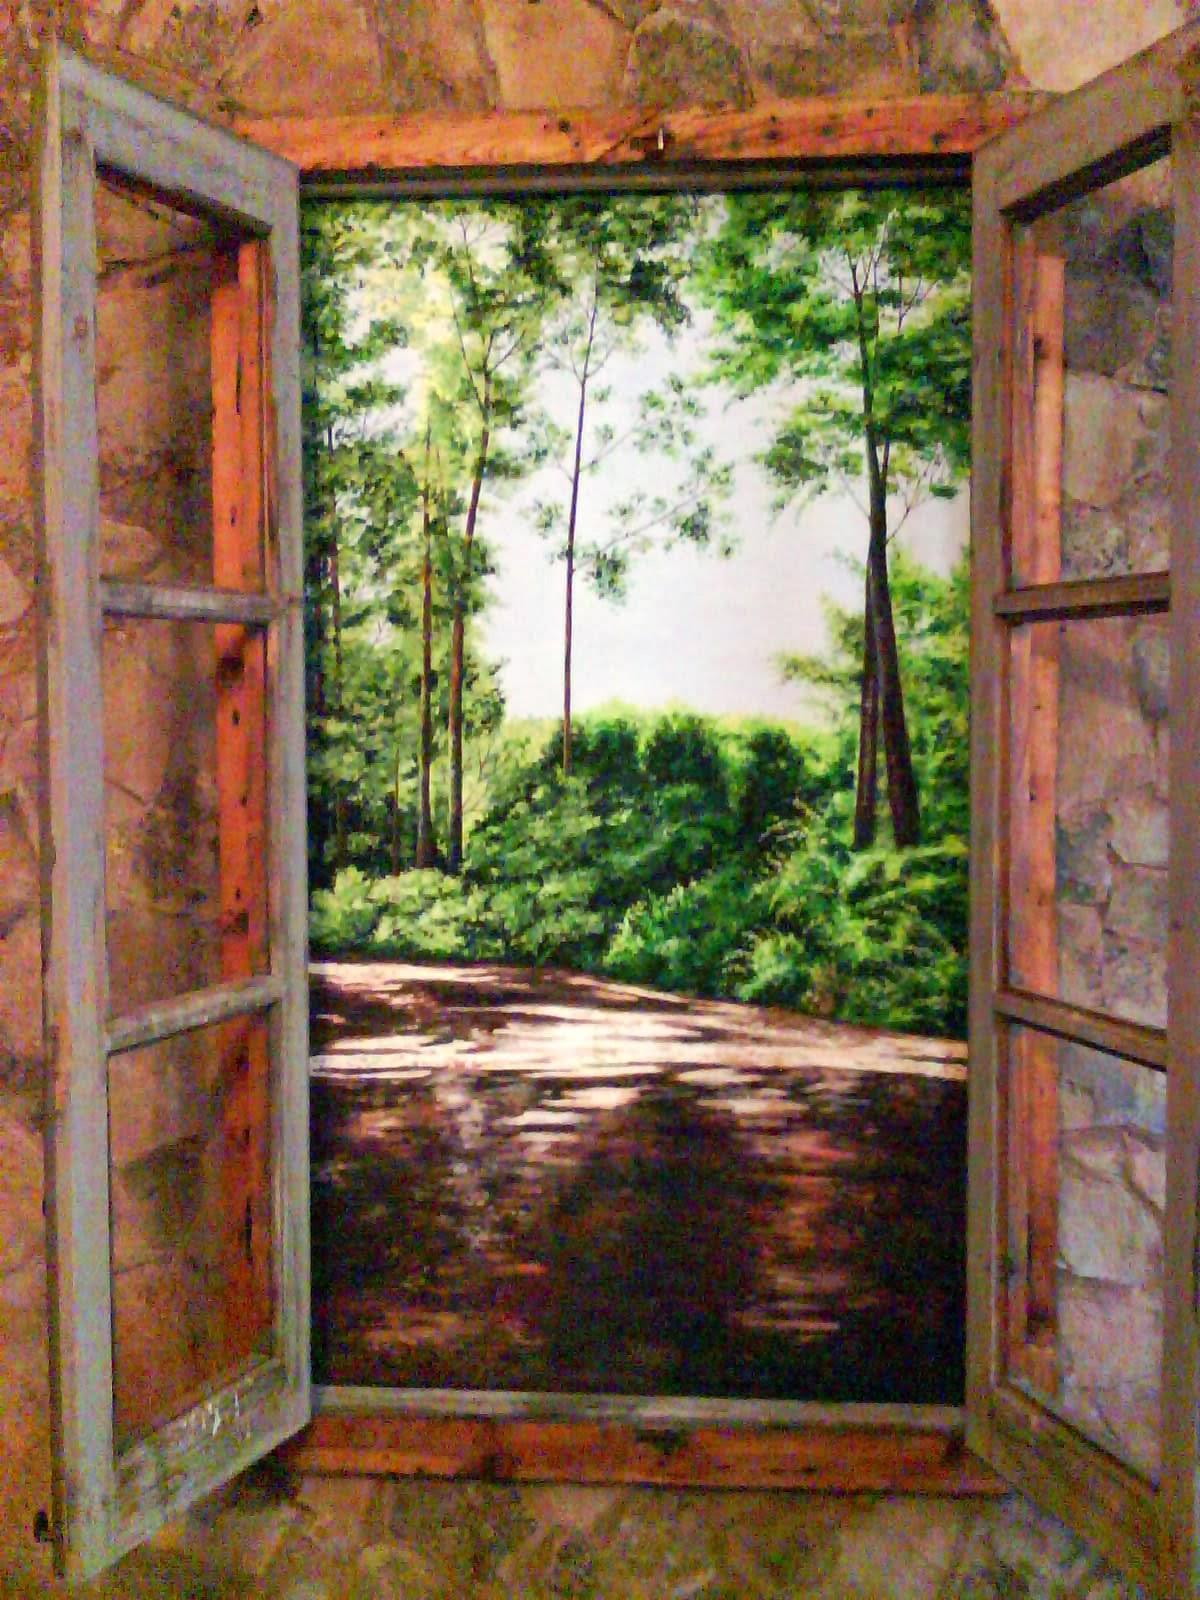 Cuentos Mágicos: La ventana abierta - Saki